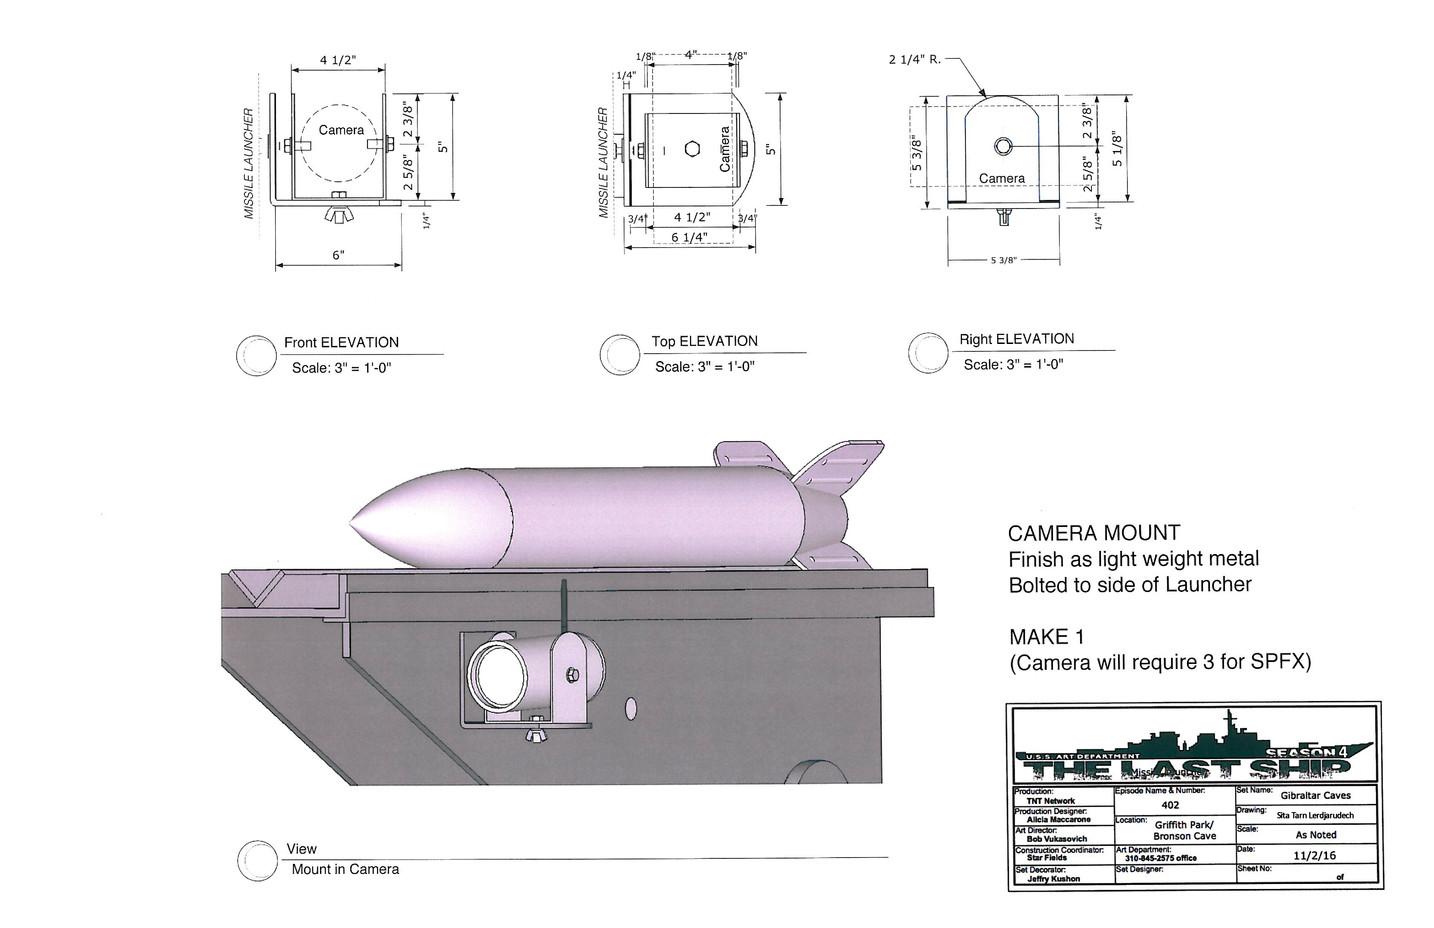 MissileLauncher-CAMERA-11-0316-1.jpg